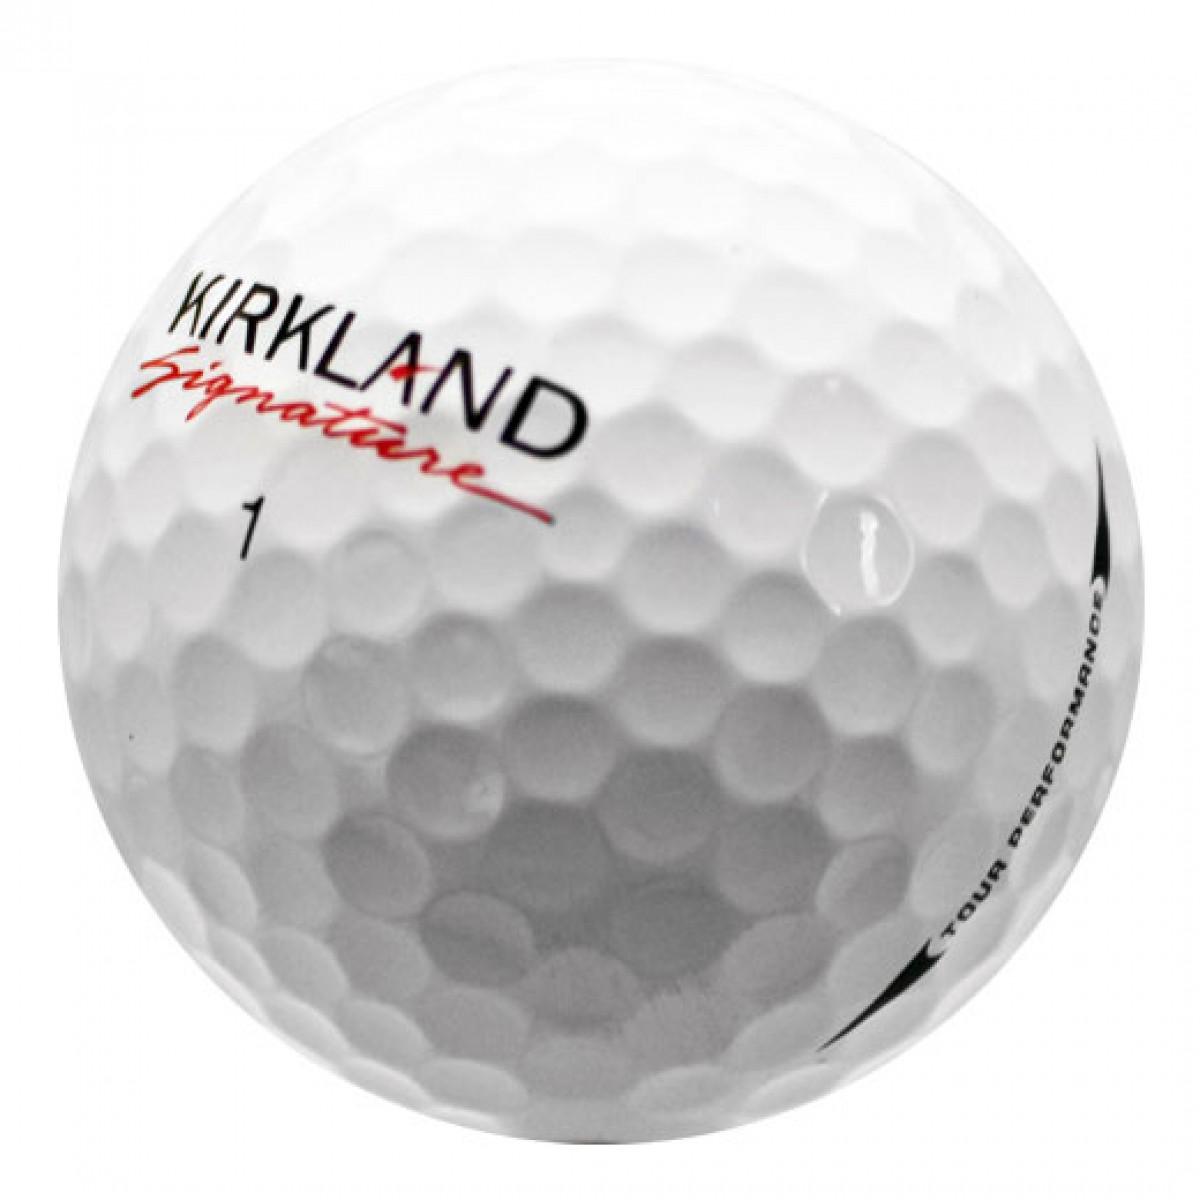 Kirkland Signature used golf balls on